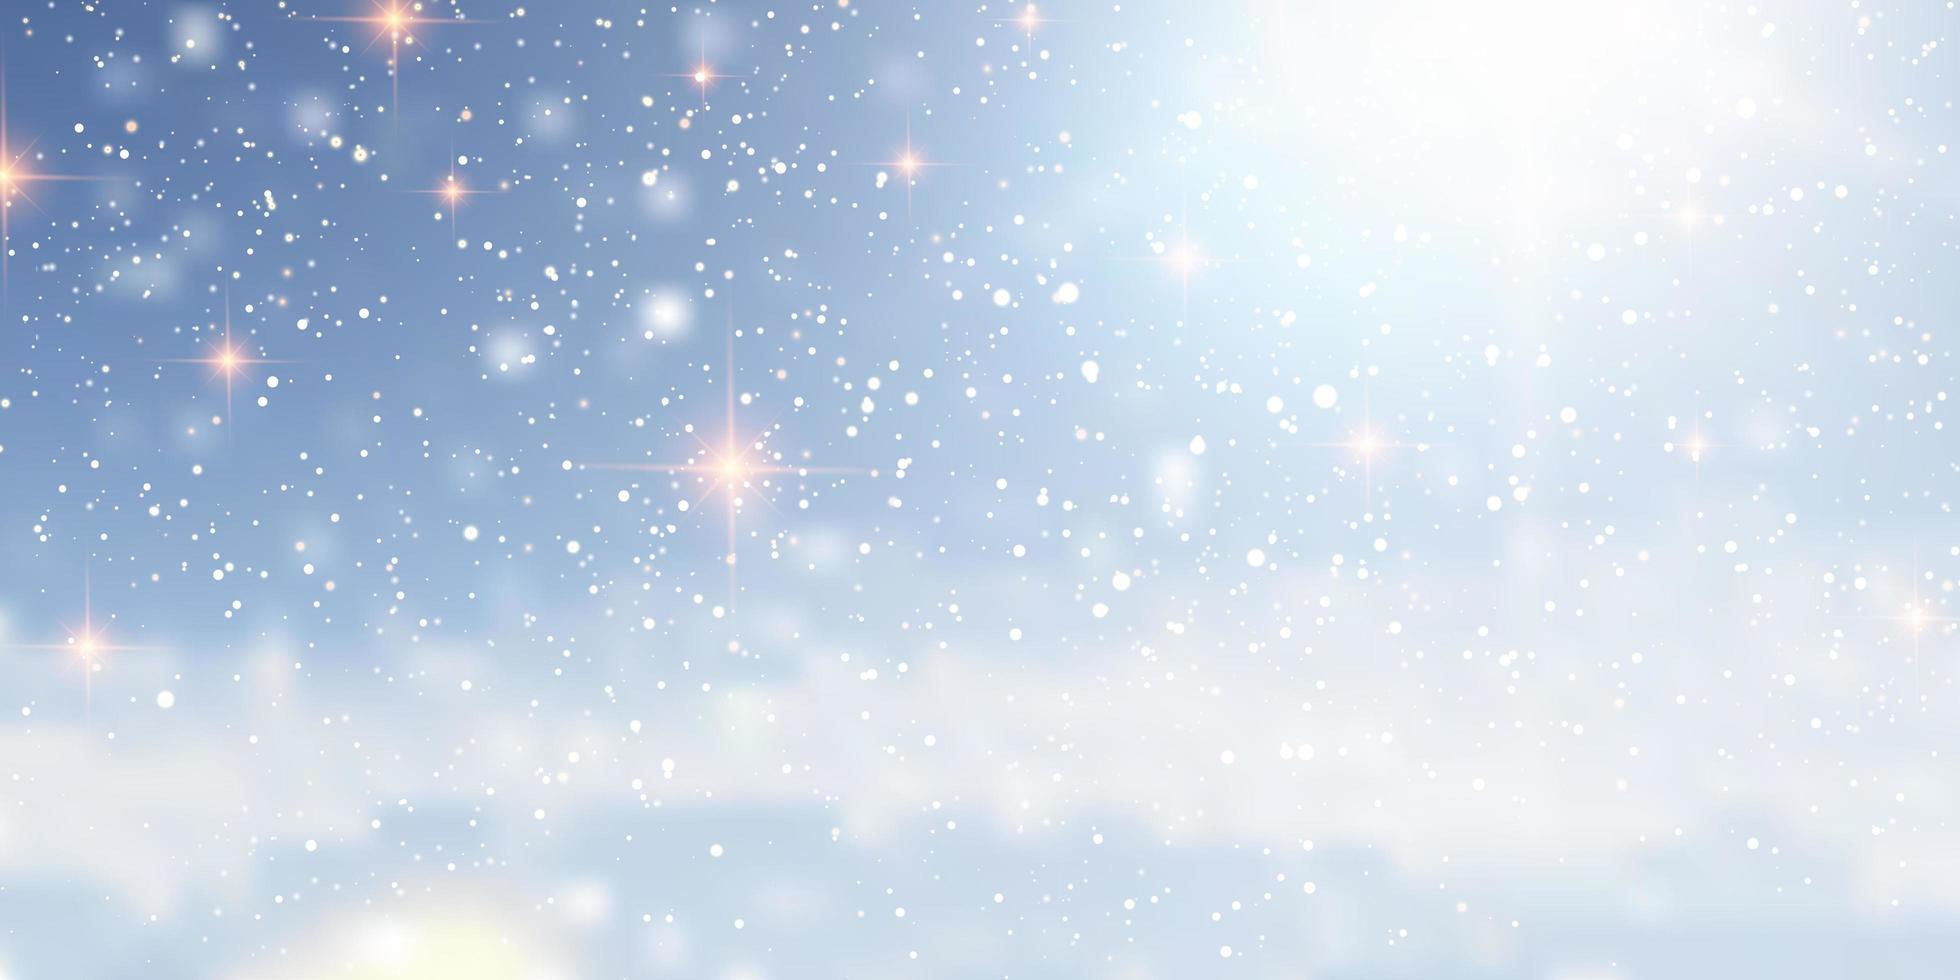 diseño de banner de navidad nevado con luces vector